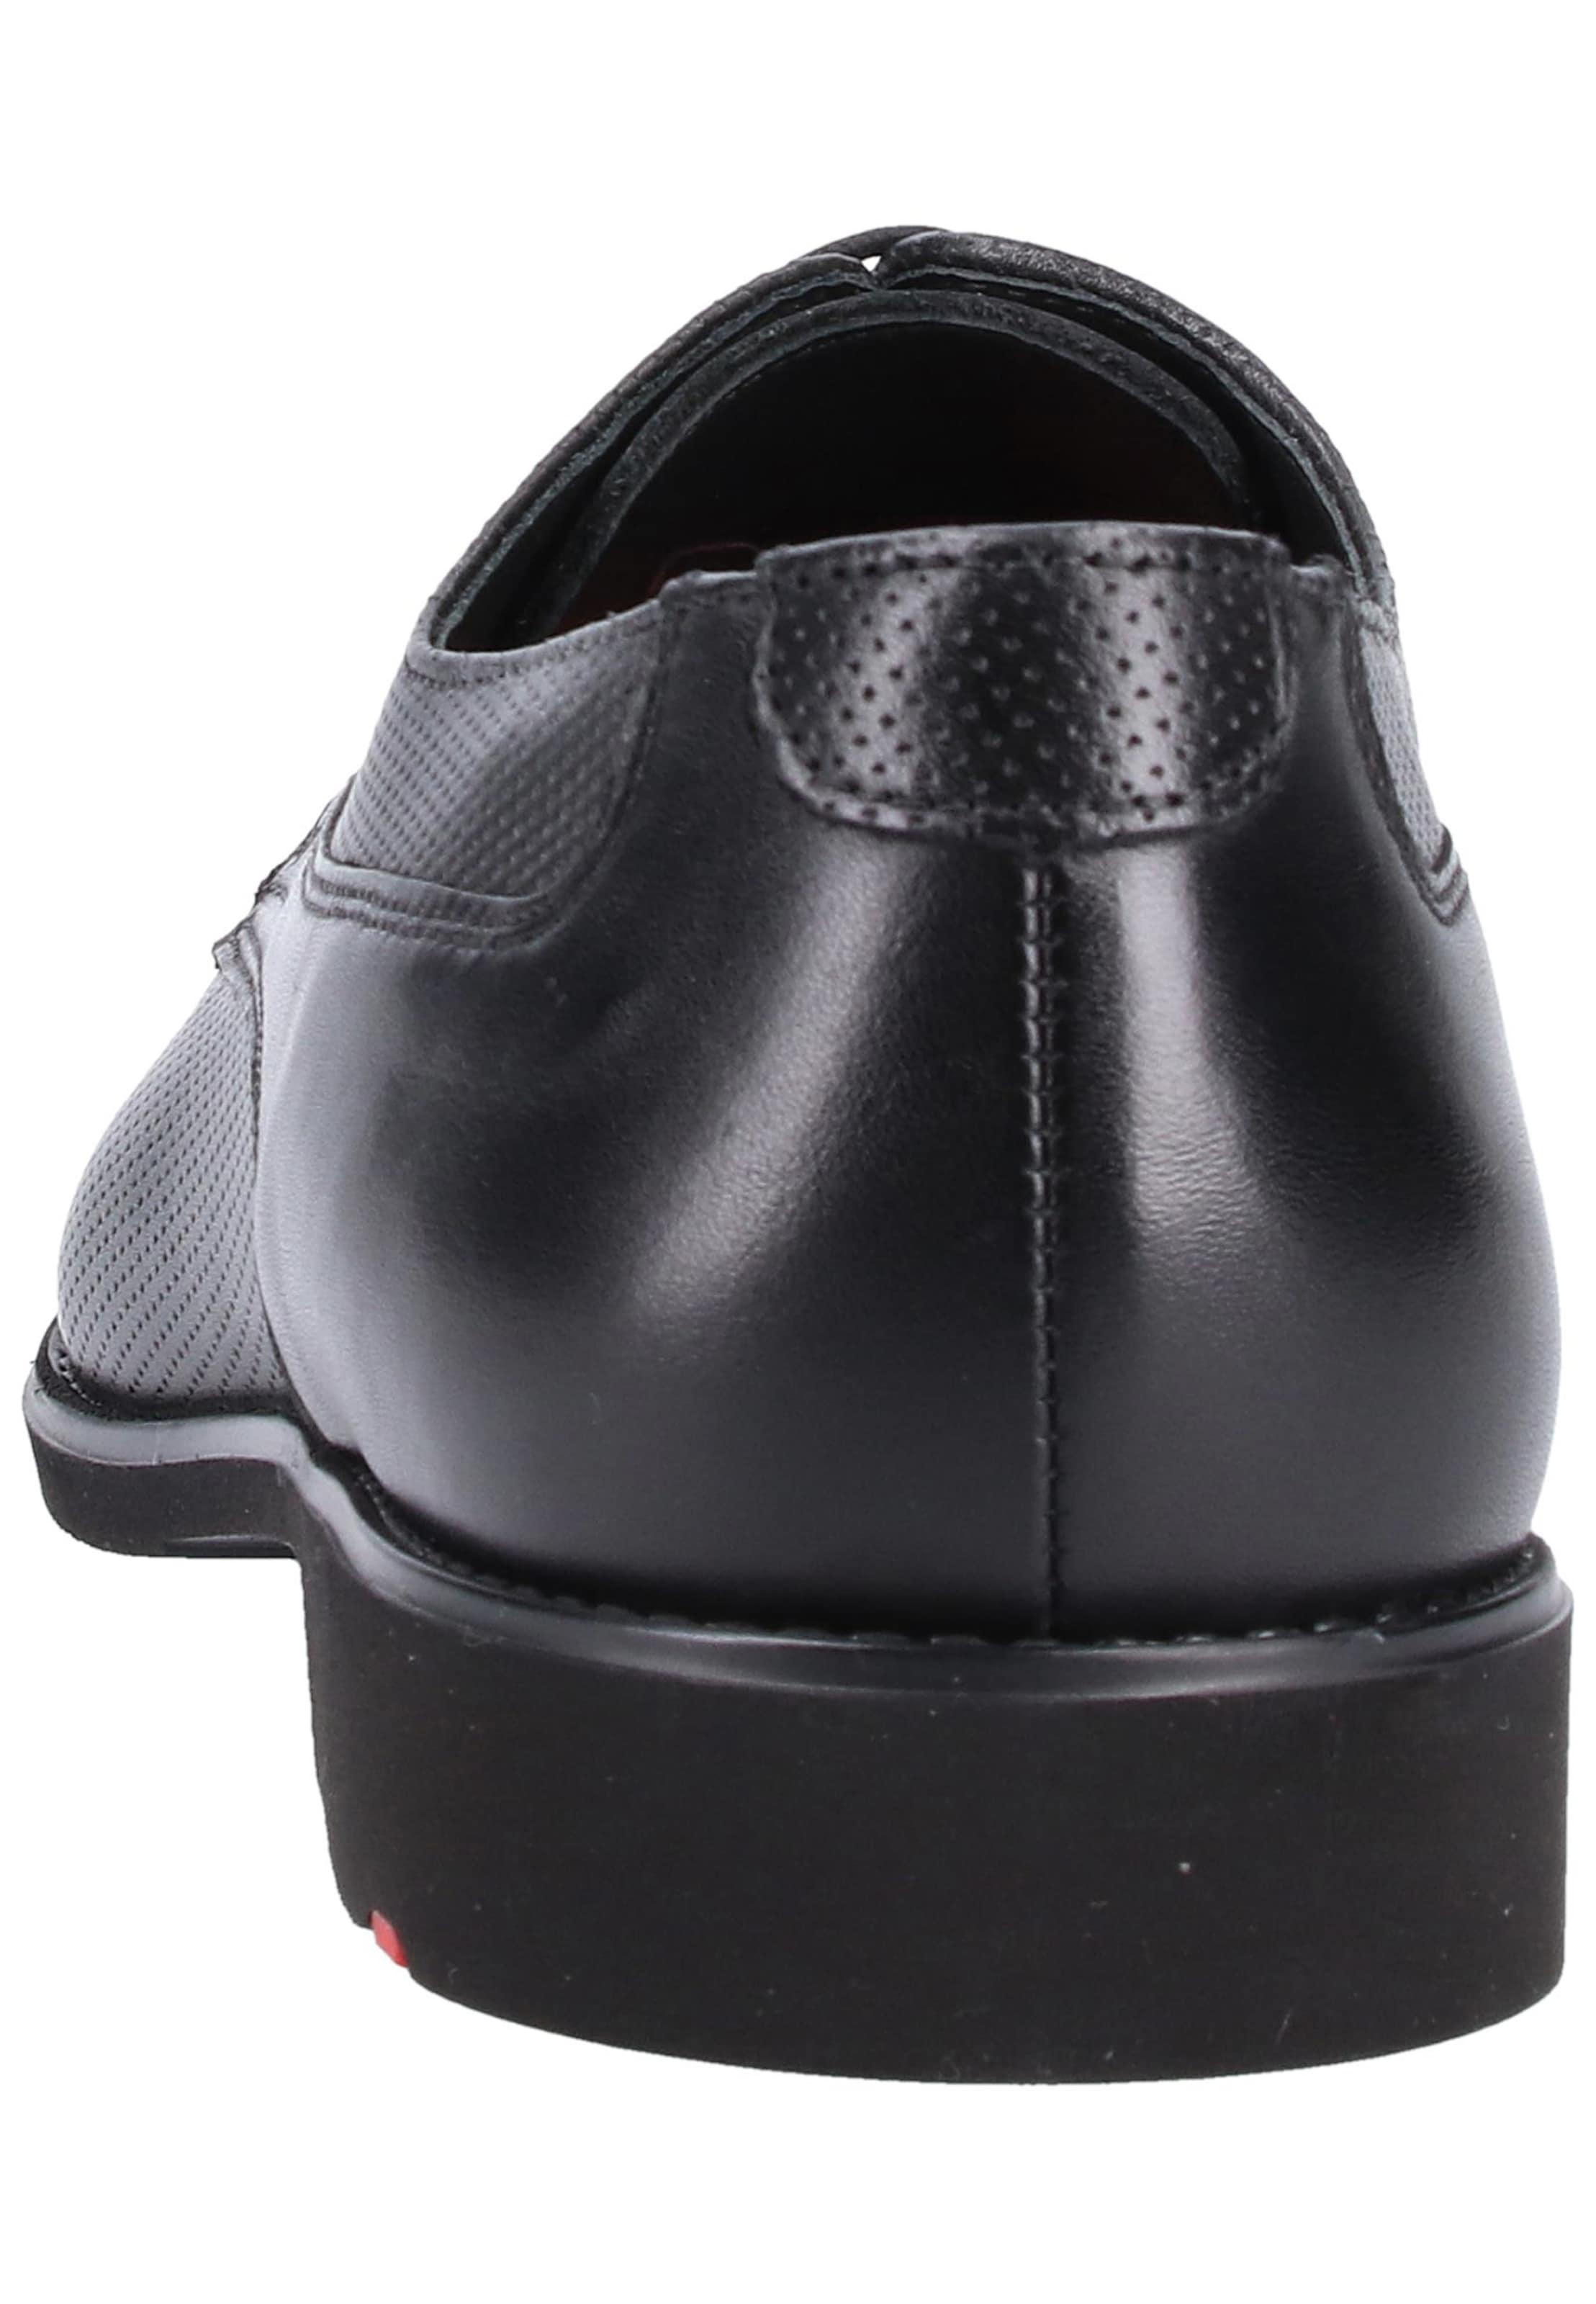 Noir Lloyd Chaussure Lacets À En CdxorBe